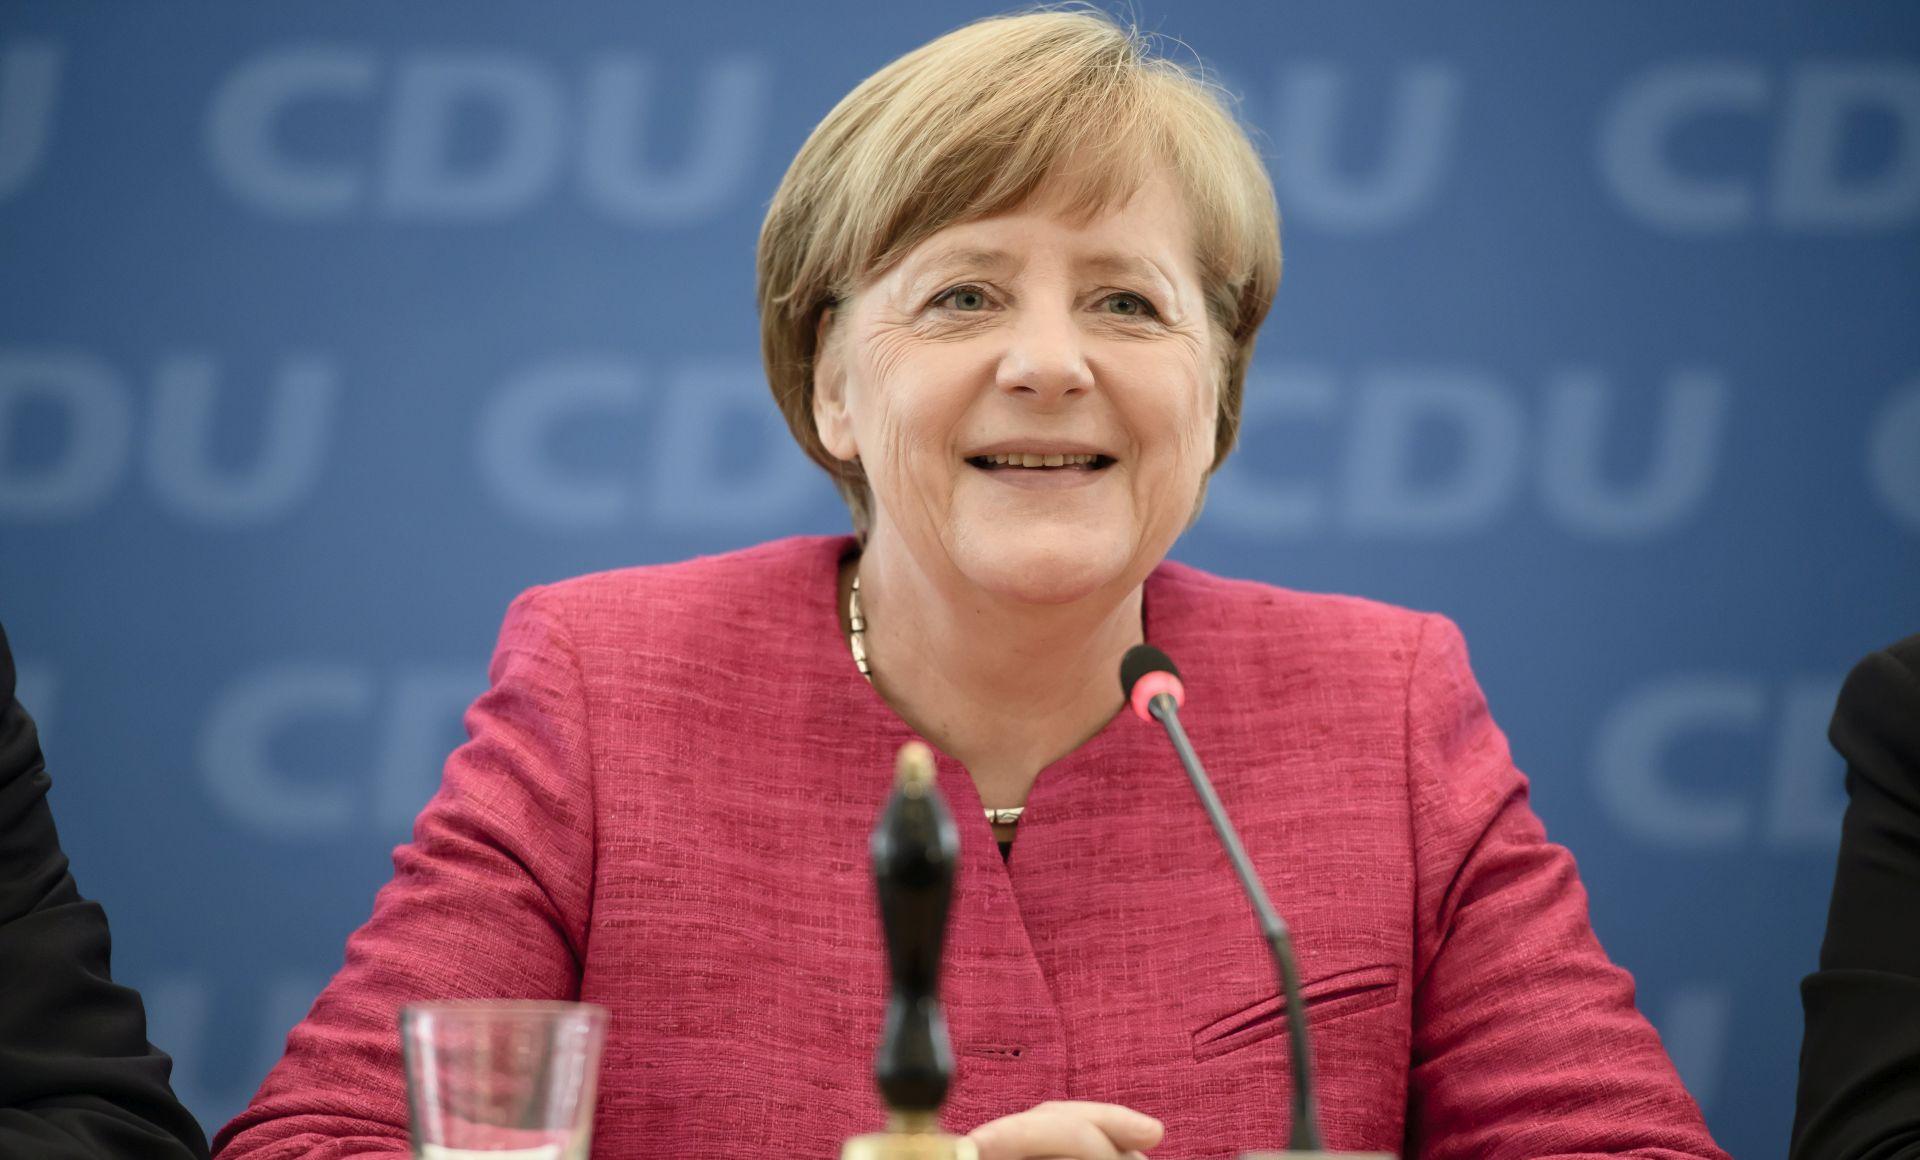 Merkel se sastala s rusko-njemačkim migrantima, zabrinutost oko lažnih vijesti